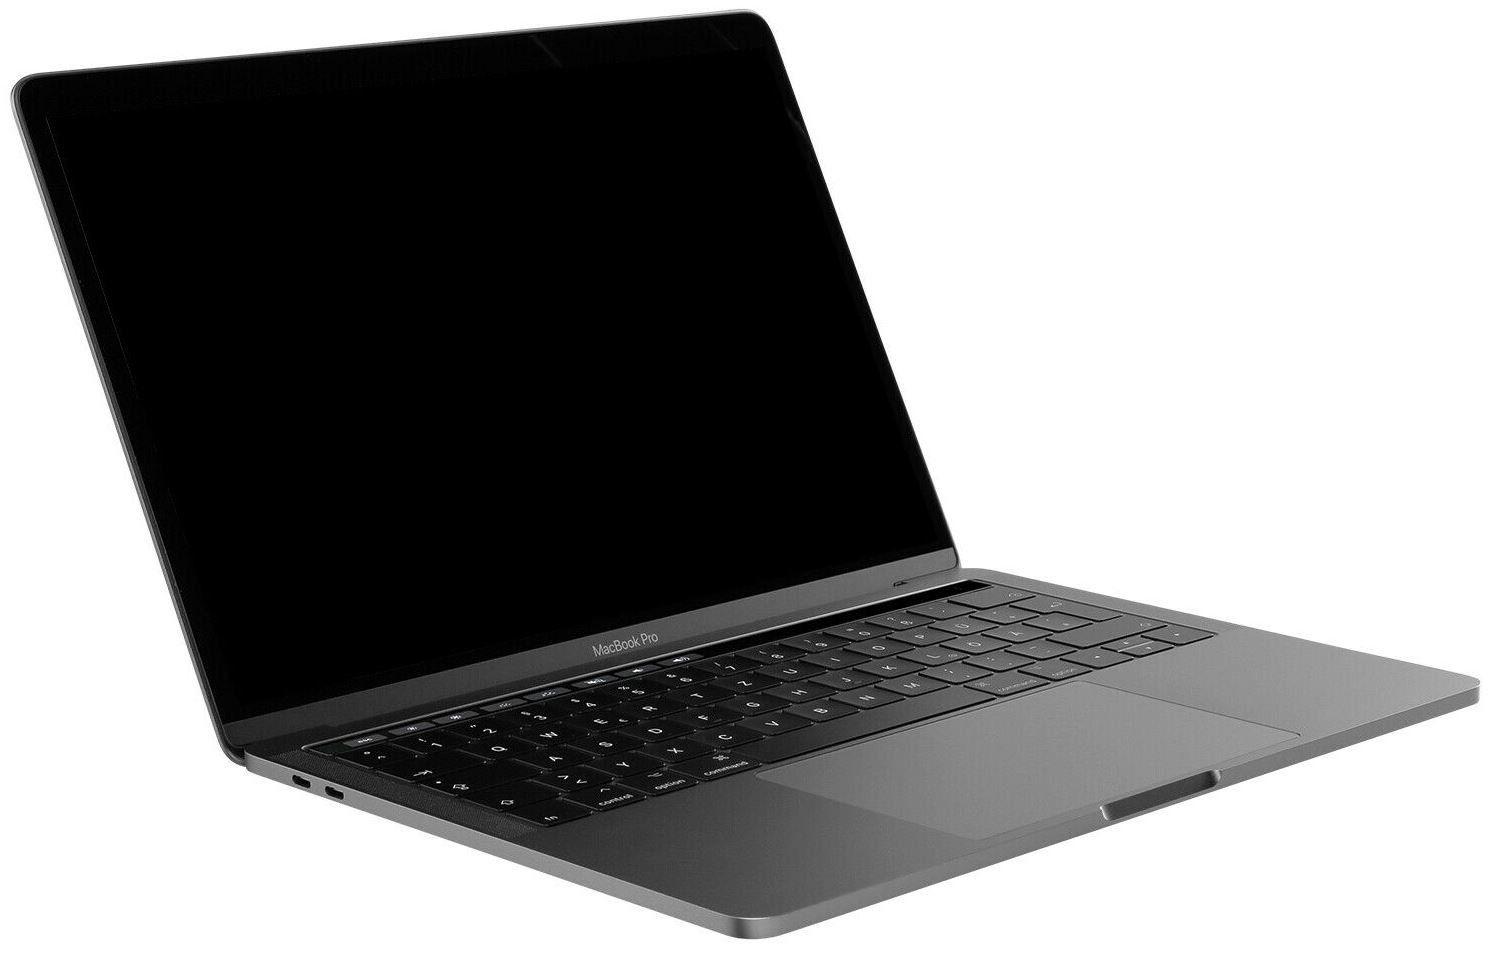 Apple MacBook Pro 13 (2018) i5, 8GB RAM 256GB SSD für 1.283€ (statt 1.406€) refurbished